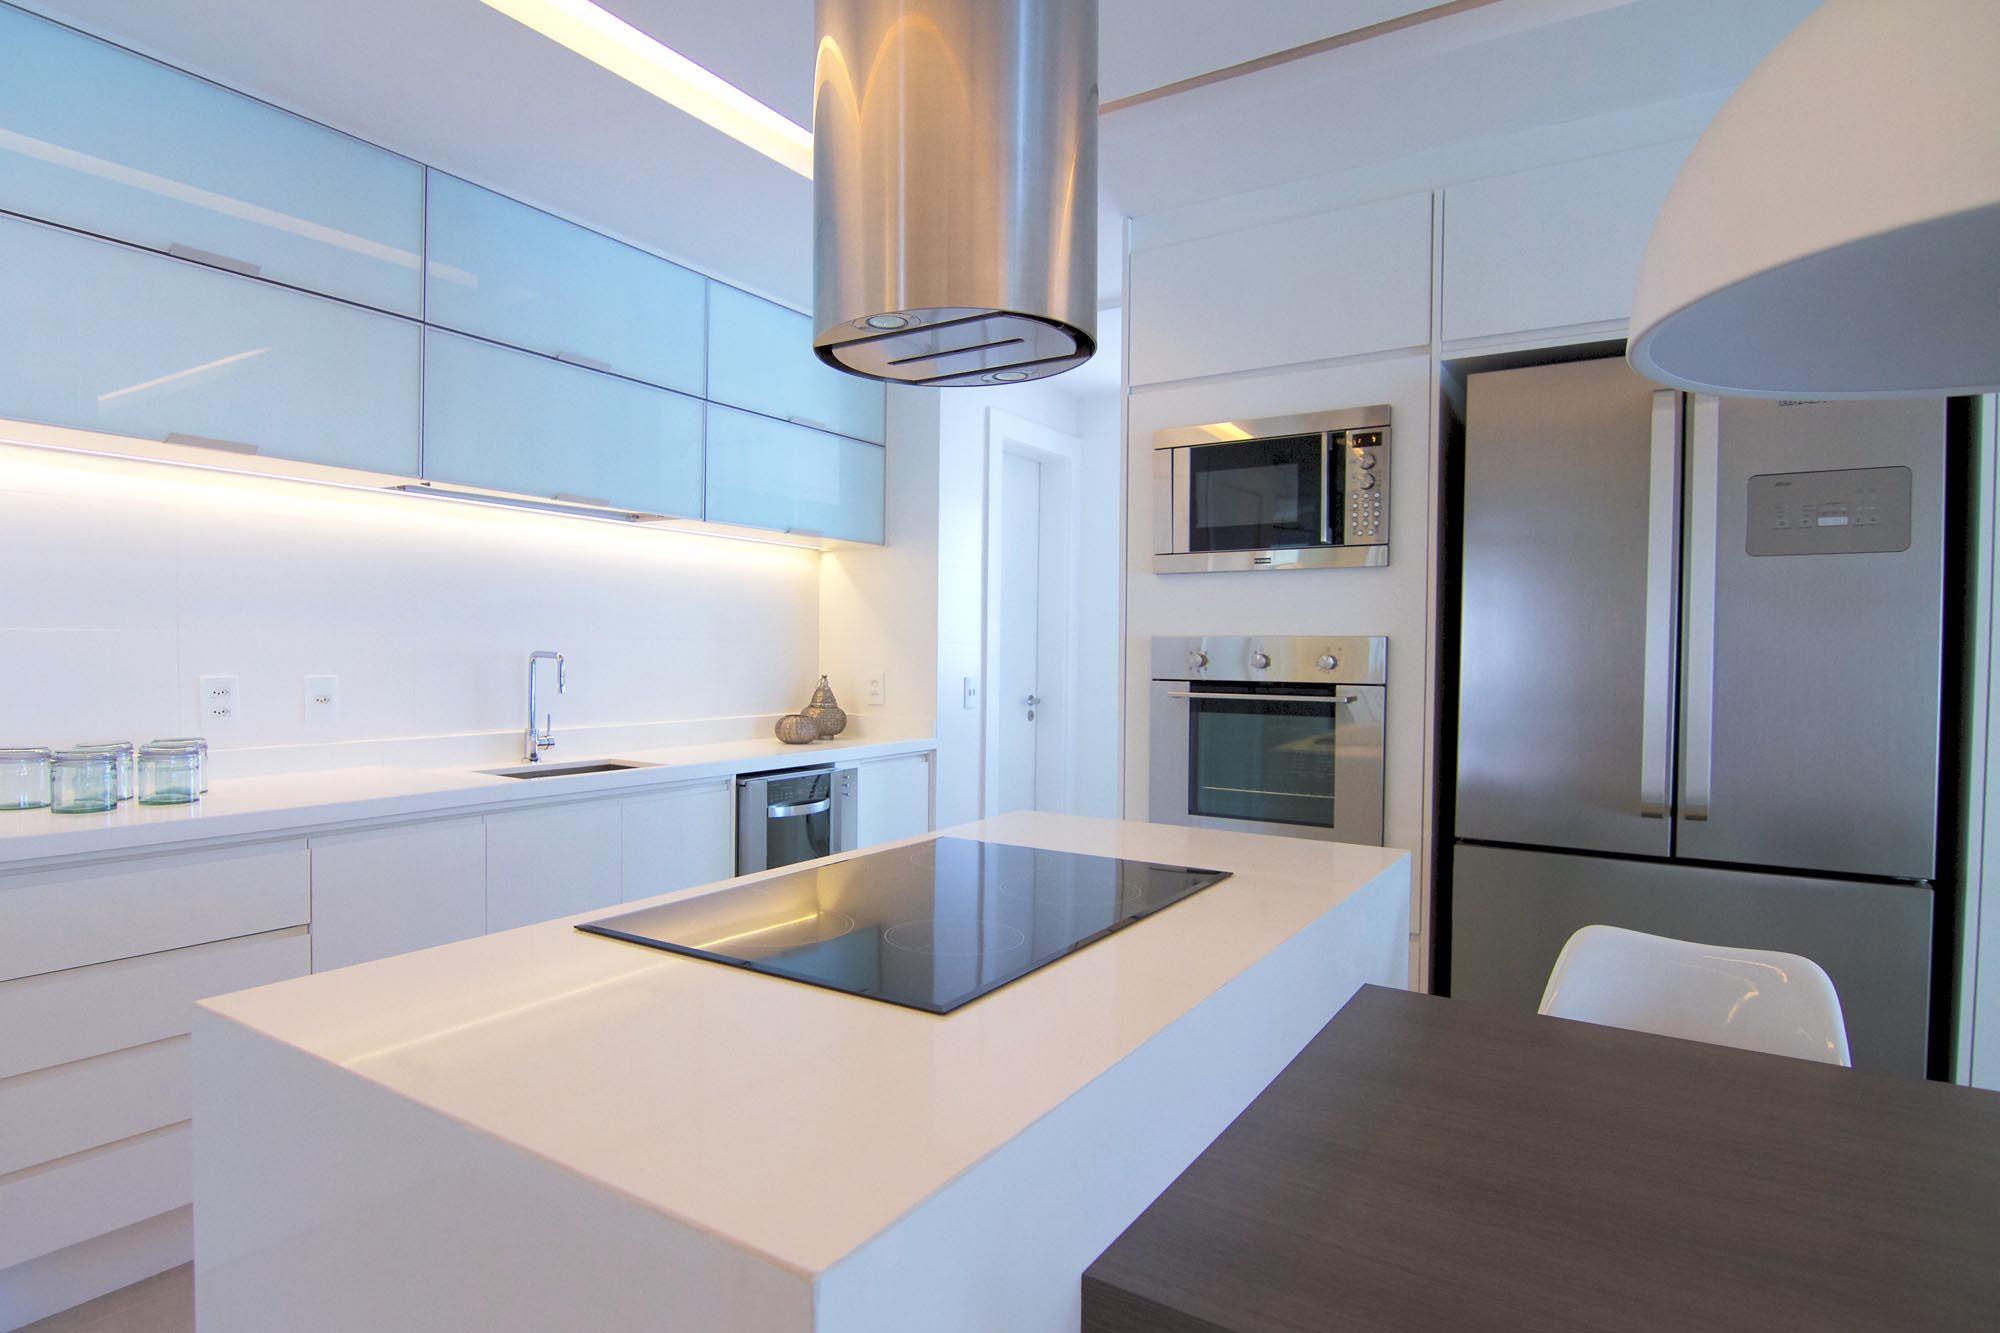 Marmoluz Bancada Em Silestone Branco Zeus Belas Cozinhas